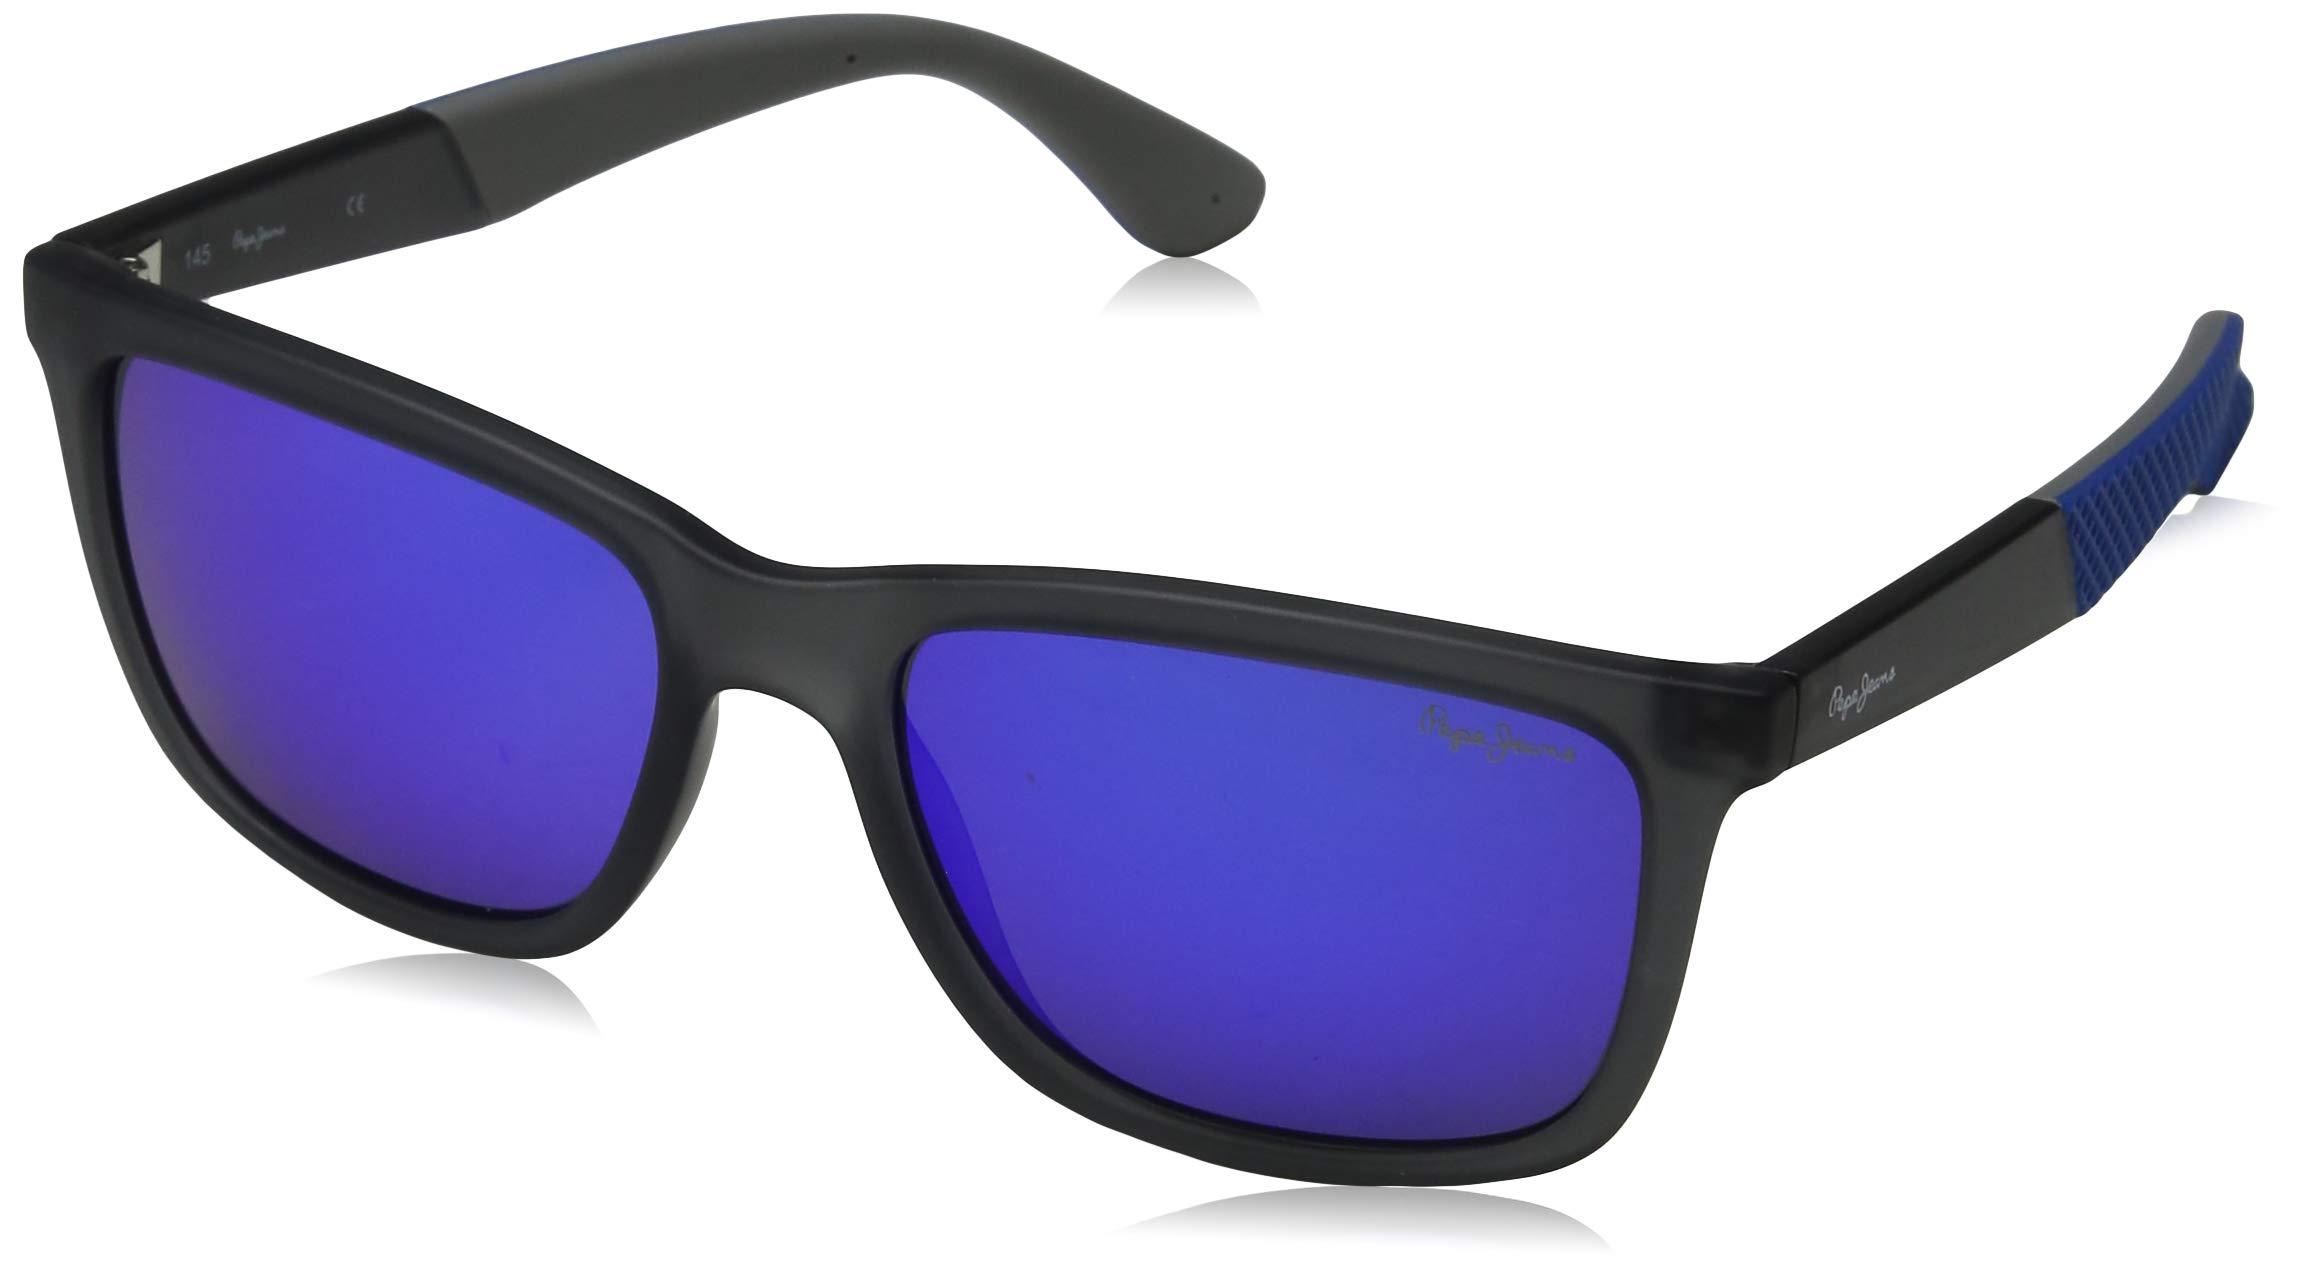 Montures Titan Pepe Jeans Adulte De Grey54 Sunglasses Mixte LunettesGris 0 BdreCxEQoW